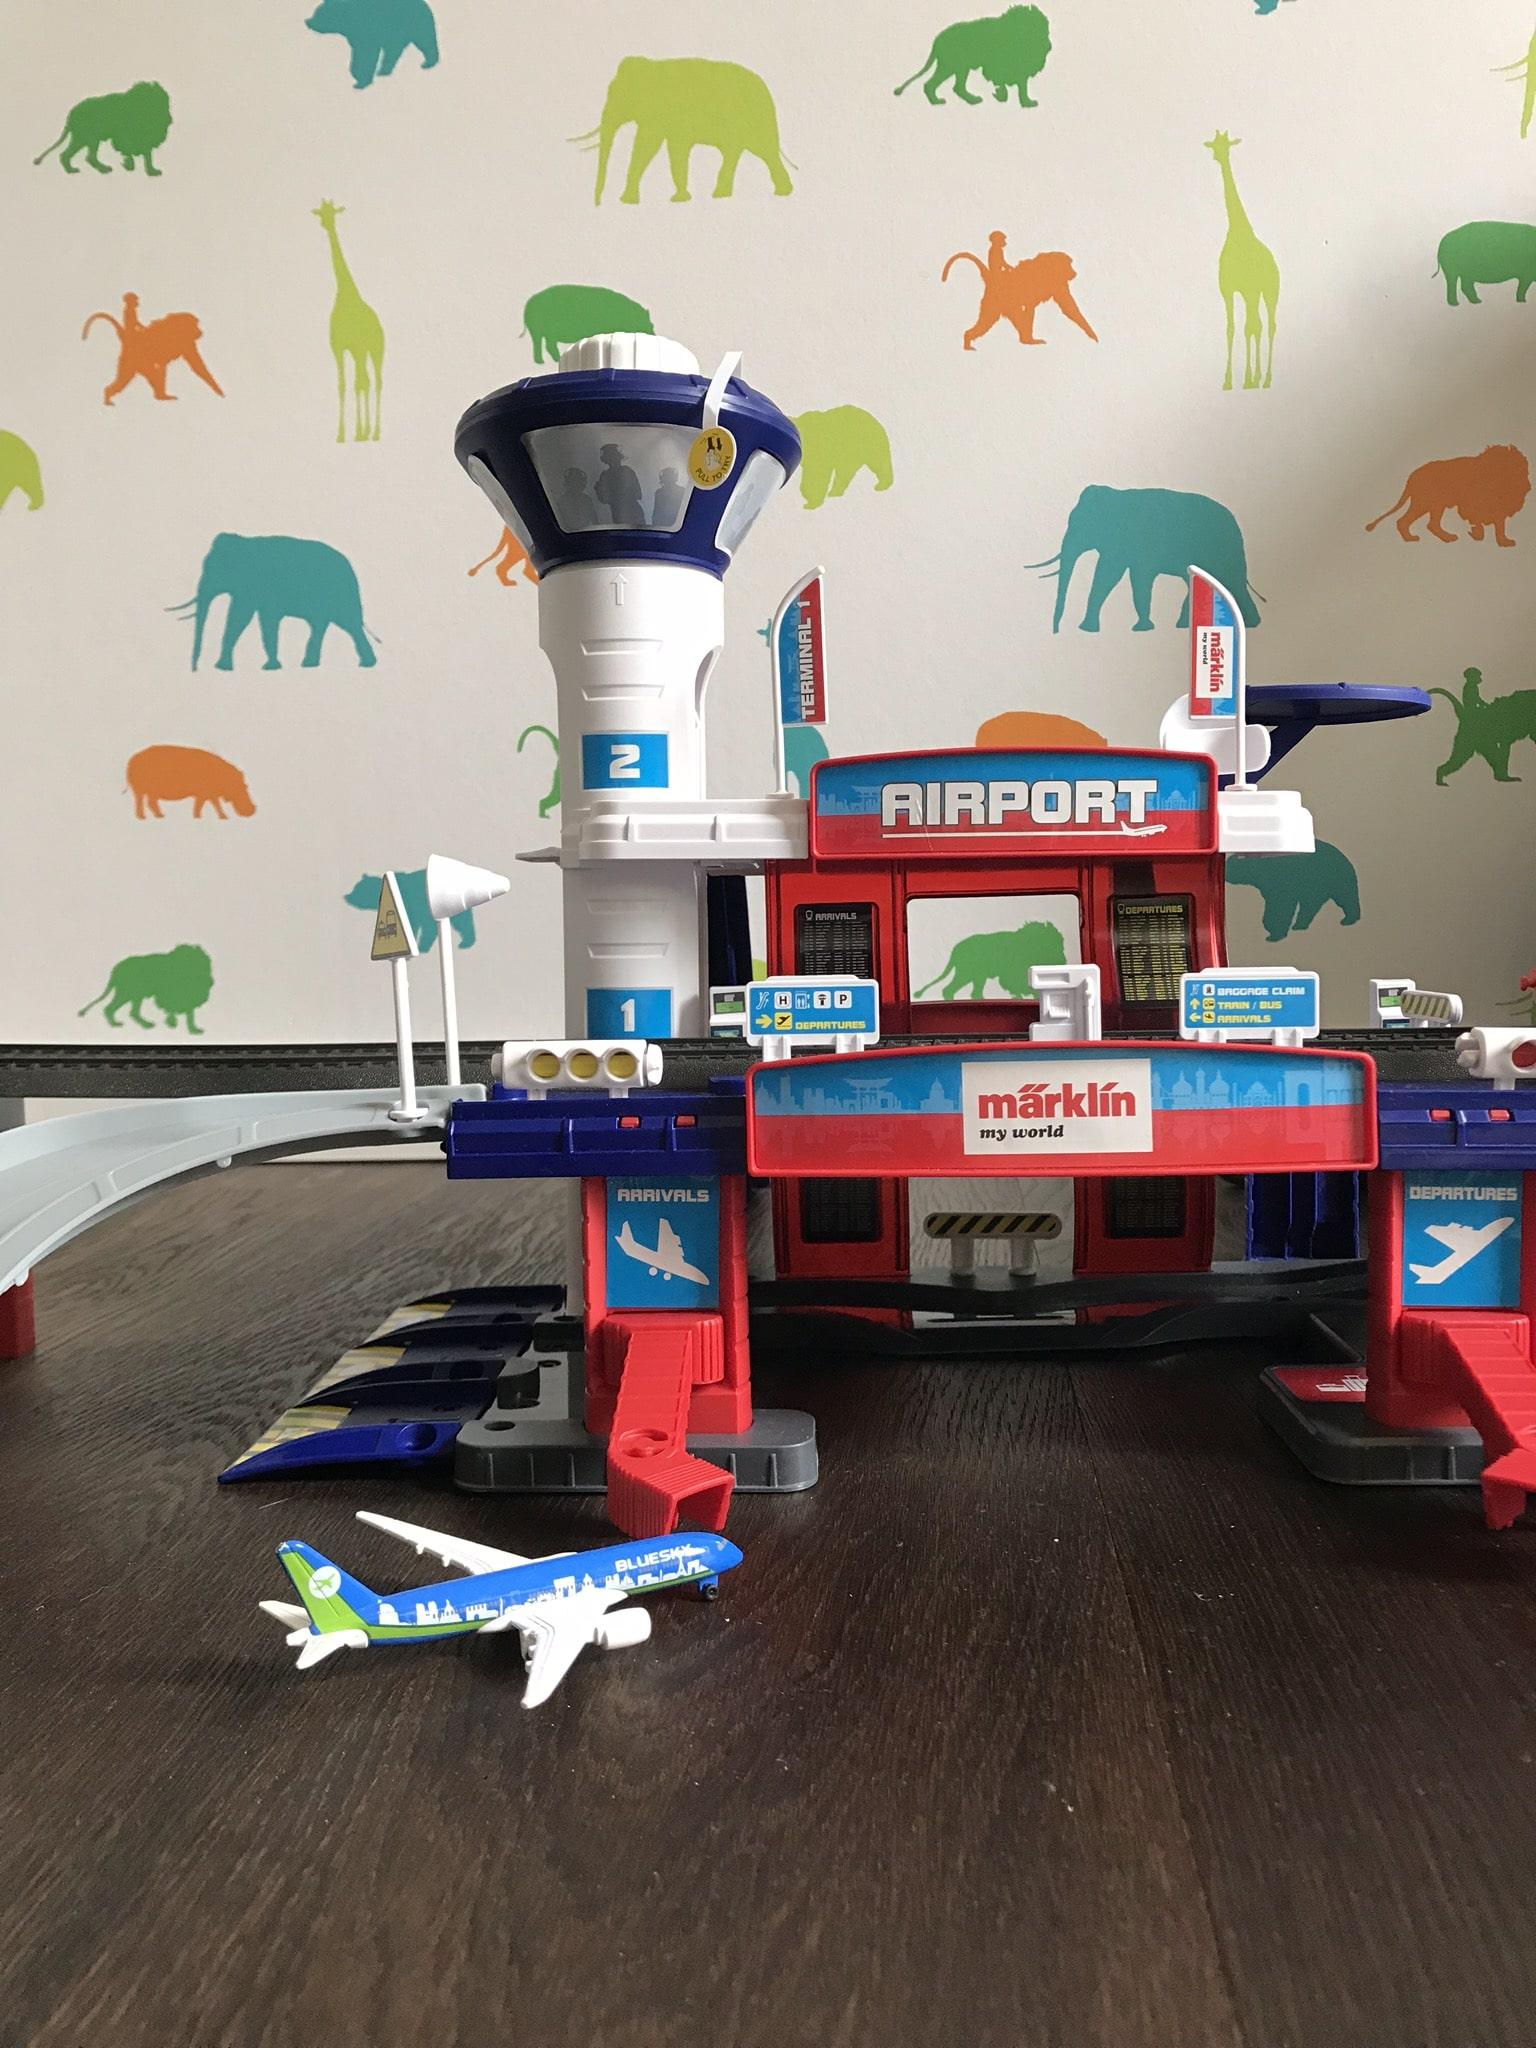 Unvergessliche Momente in Dubai, ein Flughafen für Leo und ein Gewinnspiel mit Märklin my world!